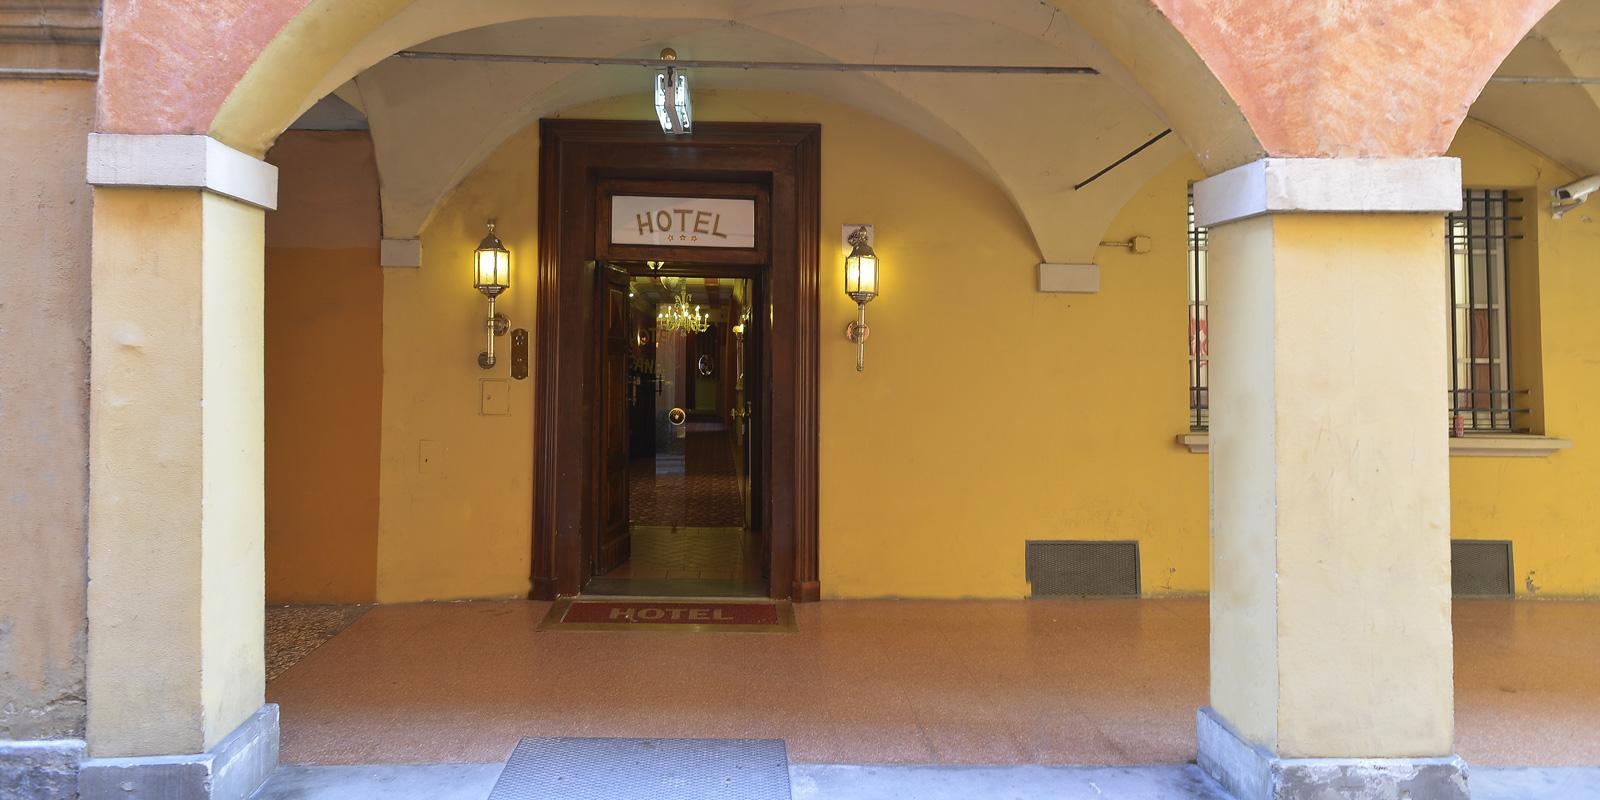 Hotel 3 stelle nel centro storico di bologna il canale for Tre stelle arreda bologna